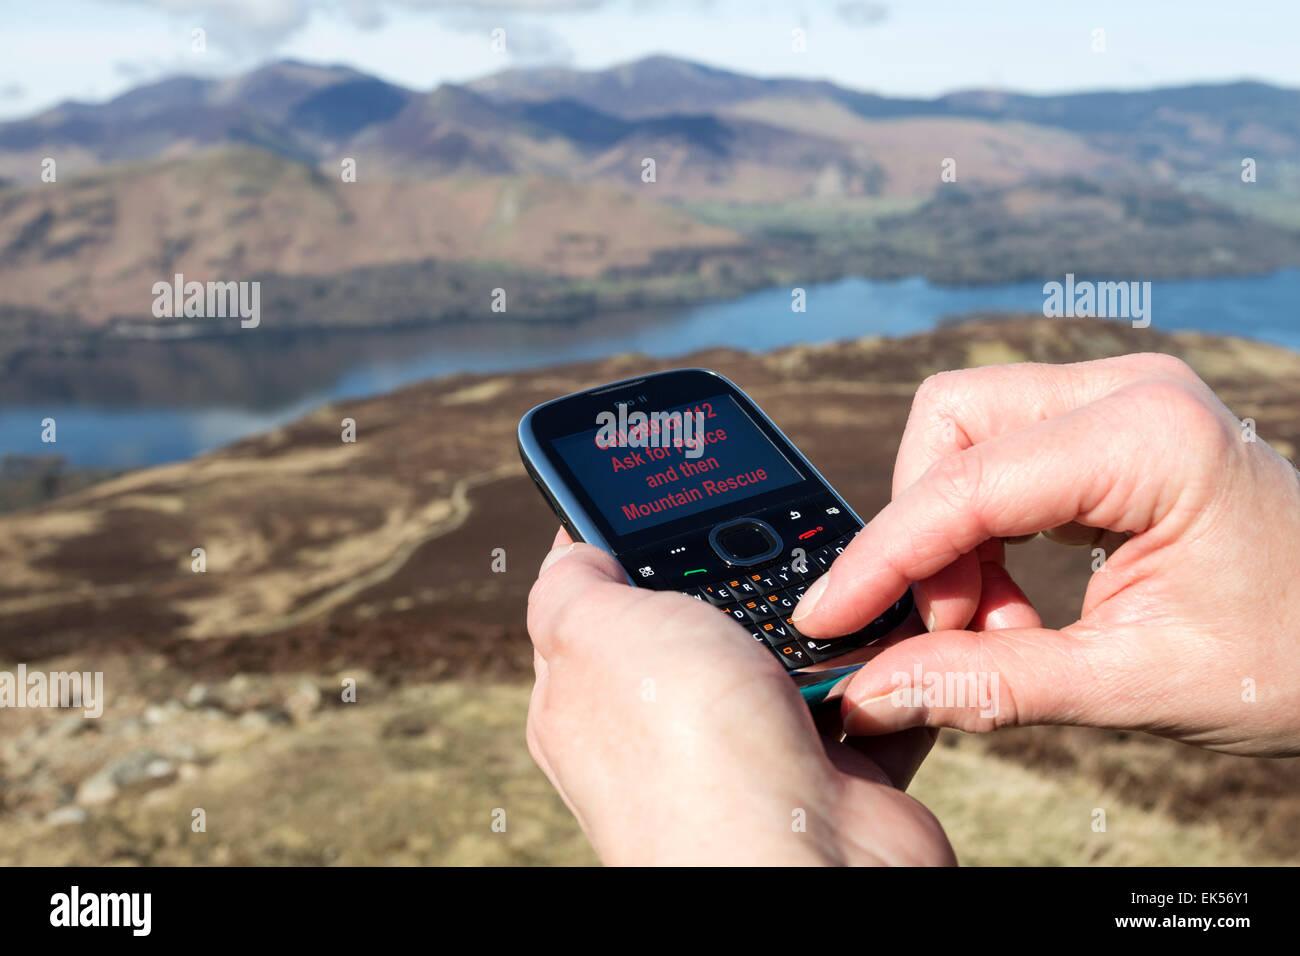 Notion de droit d'une personne utilisant un téléphone mobile dans les montagnes d'appeler une équipe de sauvetage Banque D'Images